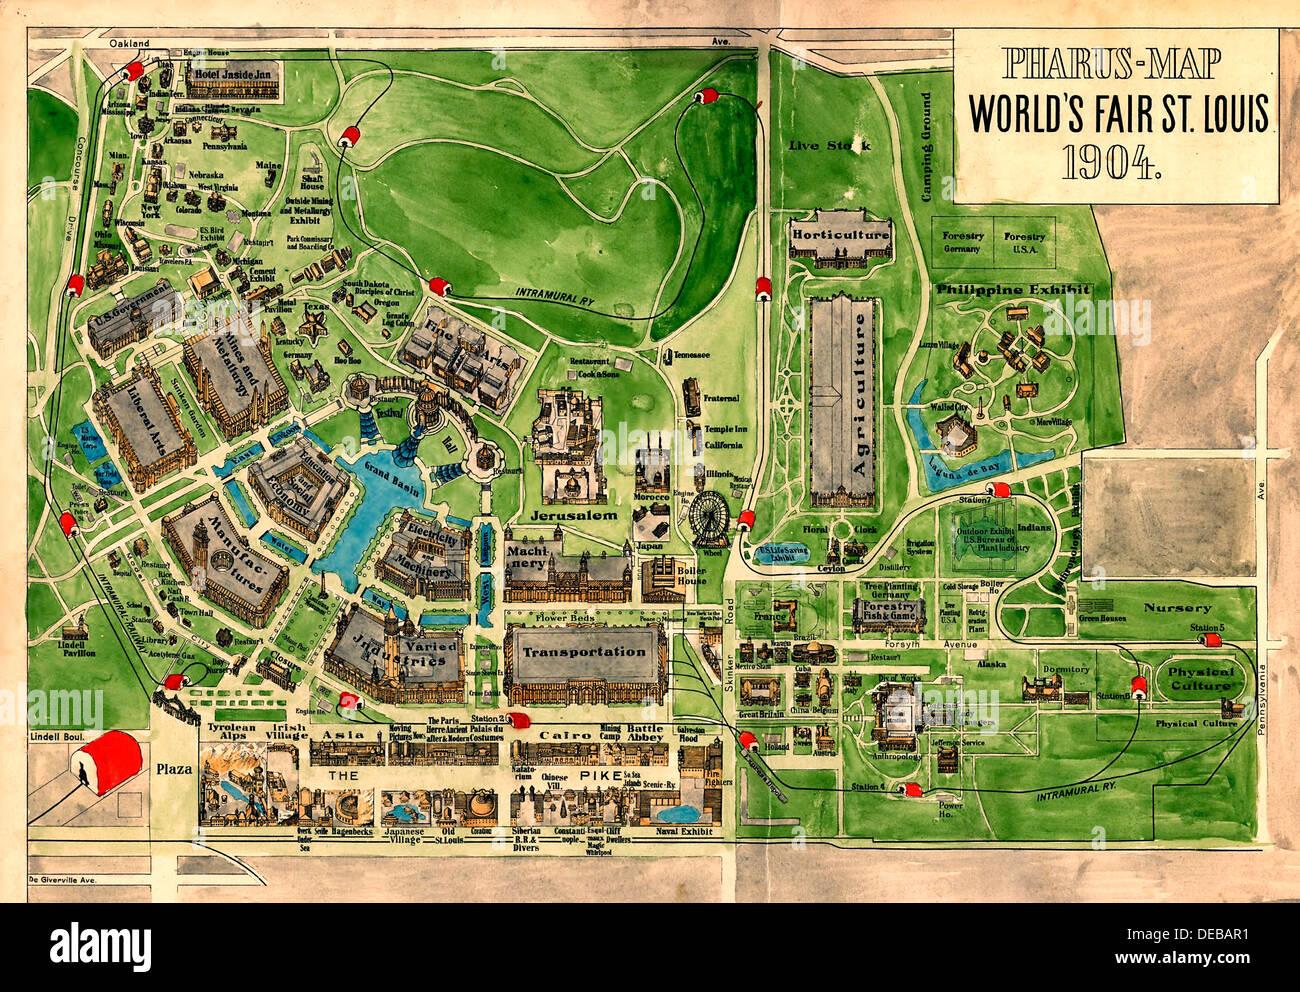 Pharus Plan de l'Exposition mondiale 1904 Saint Louis, Missouri. Photo Stock